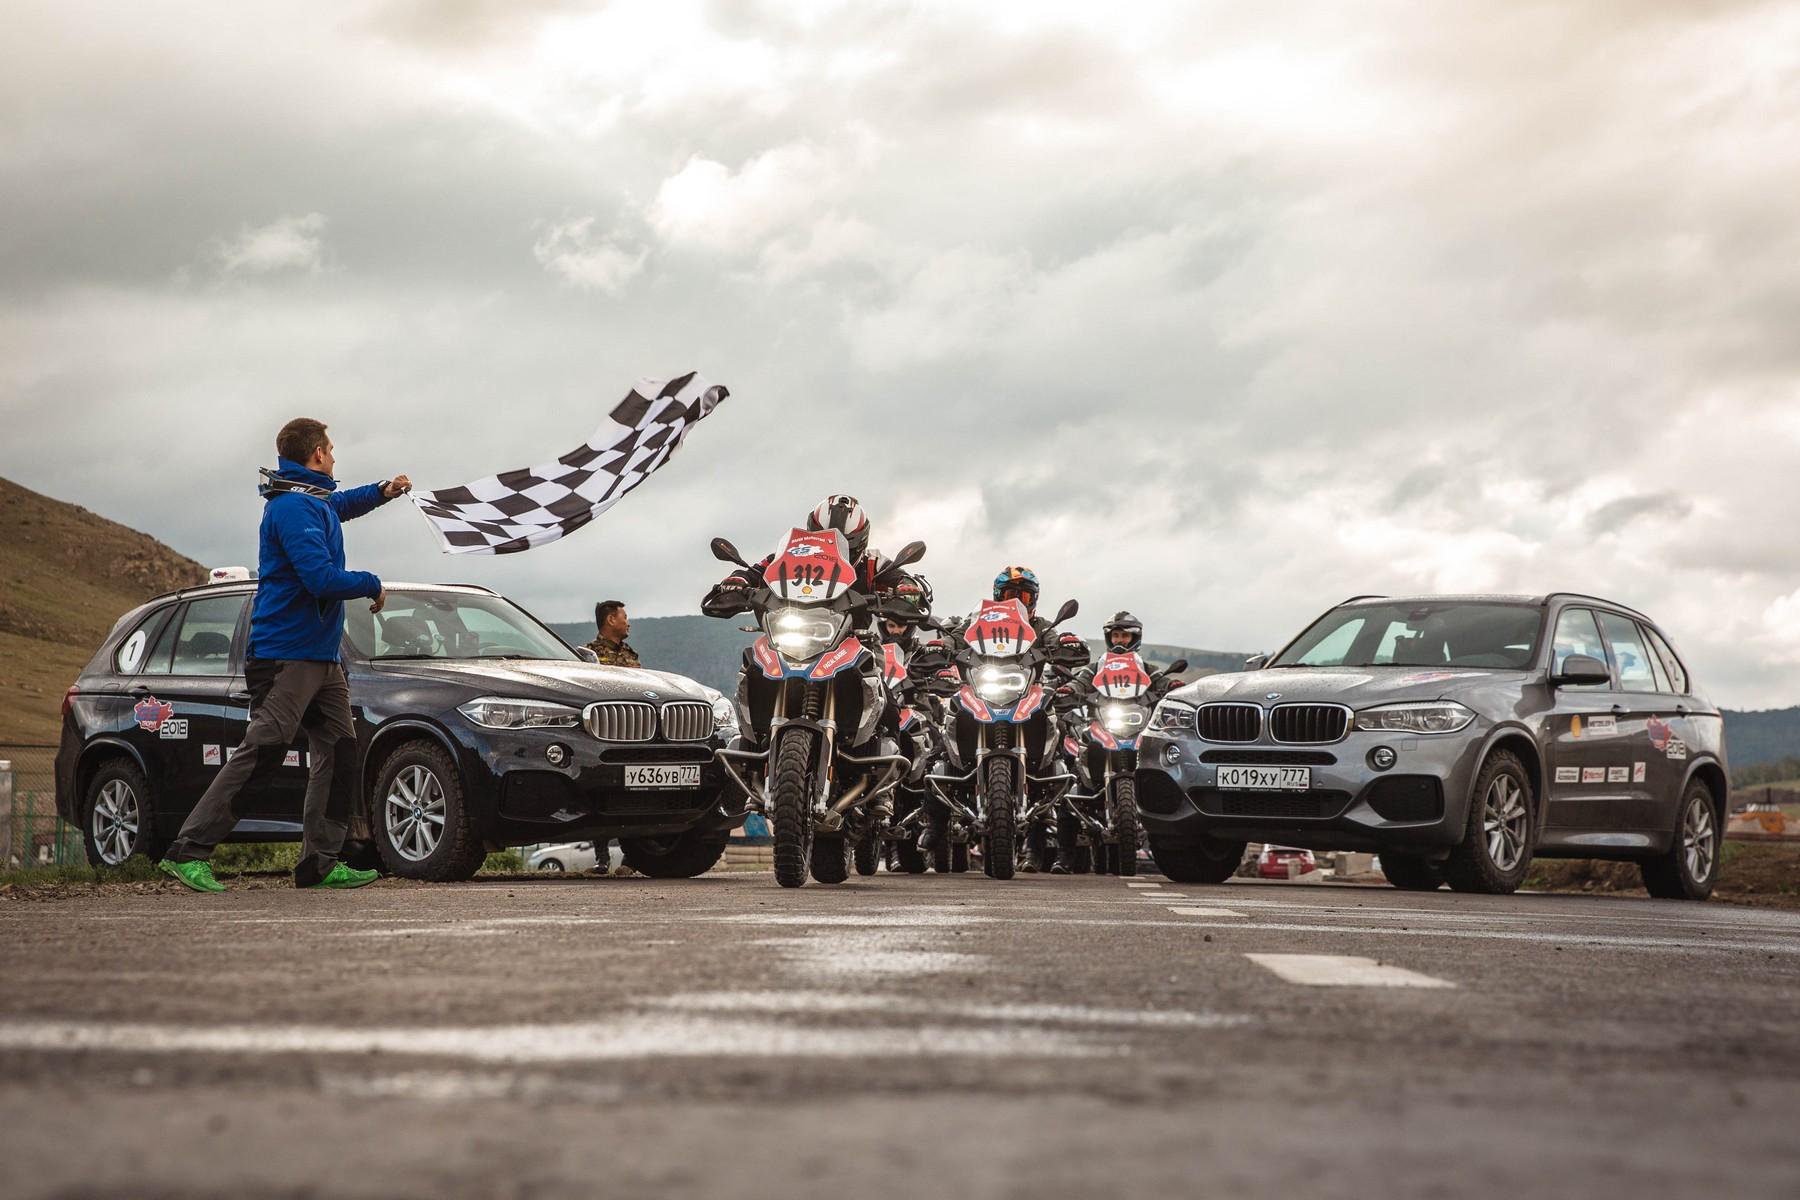 BMW Motorrad International GS Trophy Zentralasien 2018. Tag 1. Großartige Landschaften stellen an Tag 1 der Int. GS Trophy 2018 große Herausforderungen.